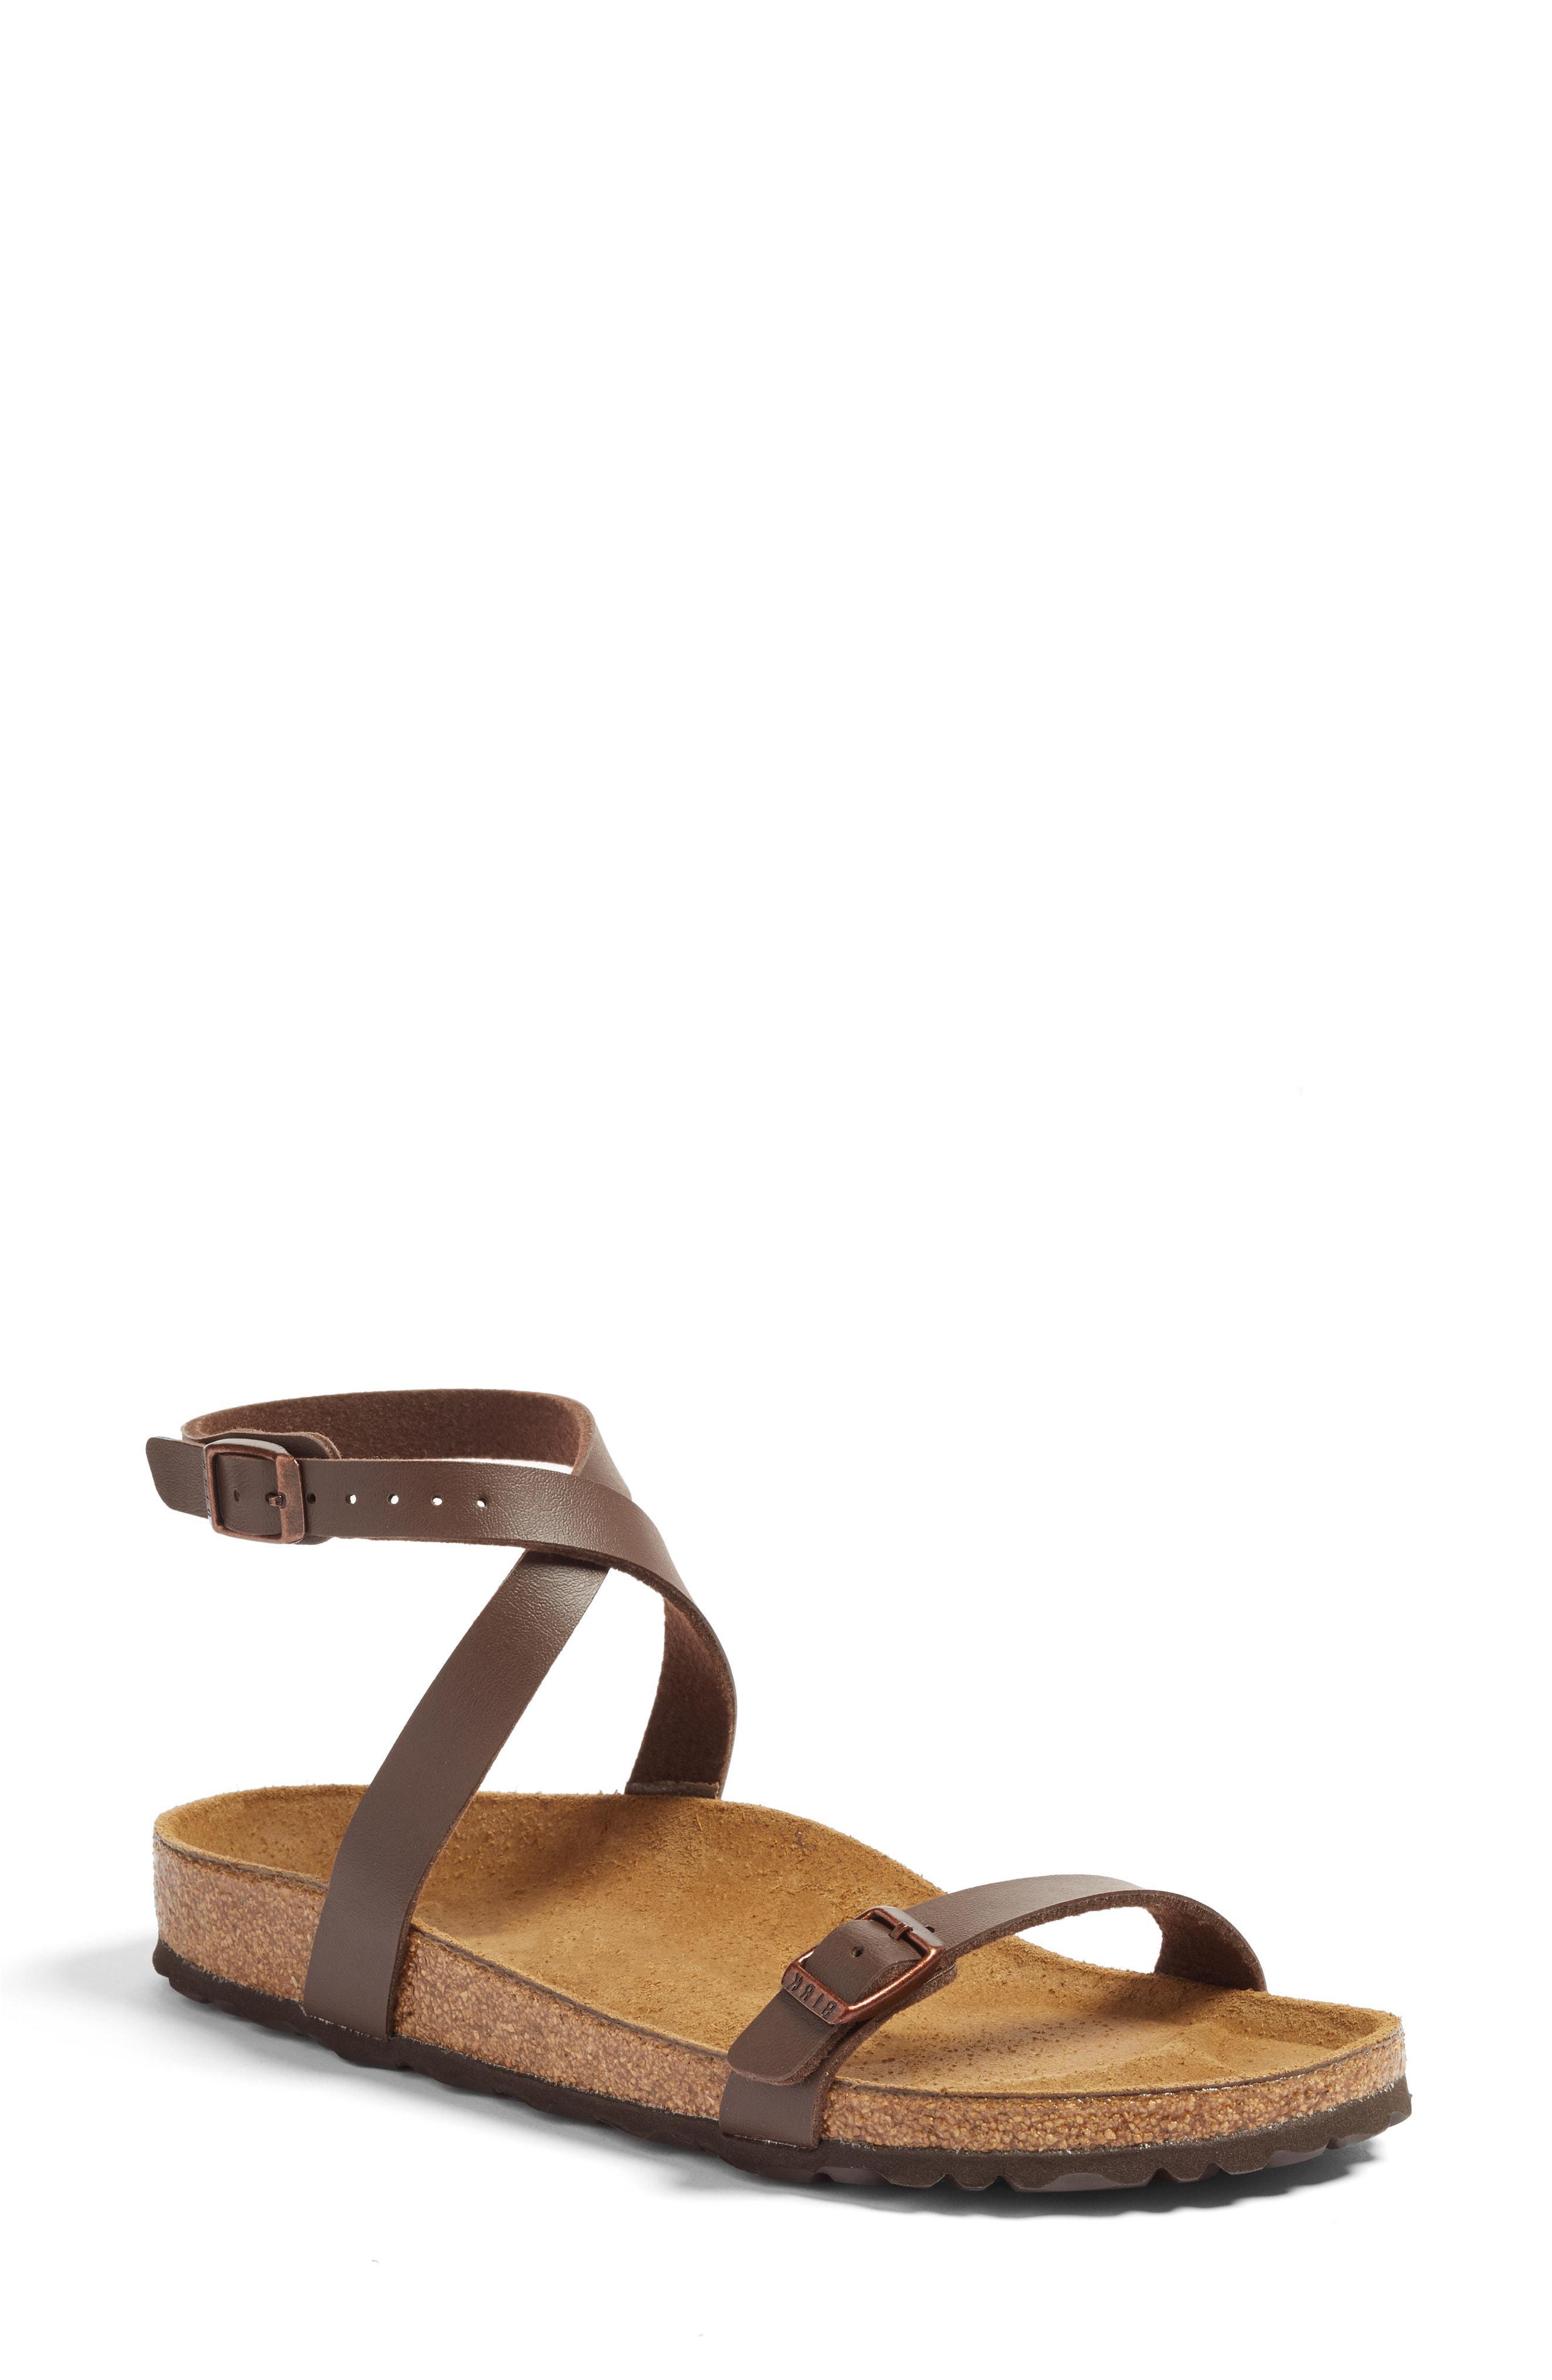 a7e2b687bf5bc Lyst - Birkenstock Daloa Ankle Strap Sandal in Brown